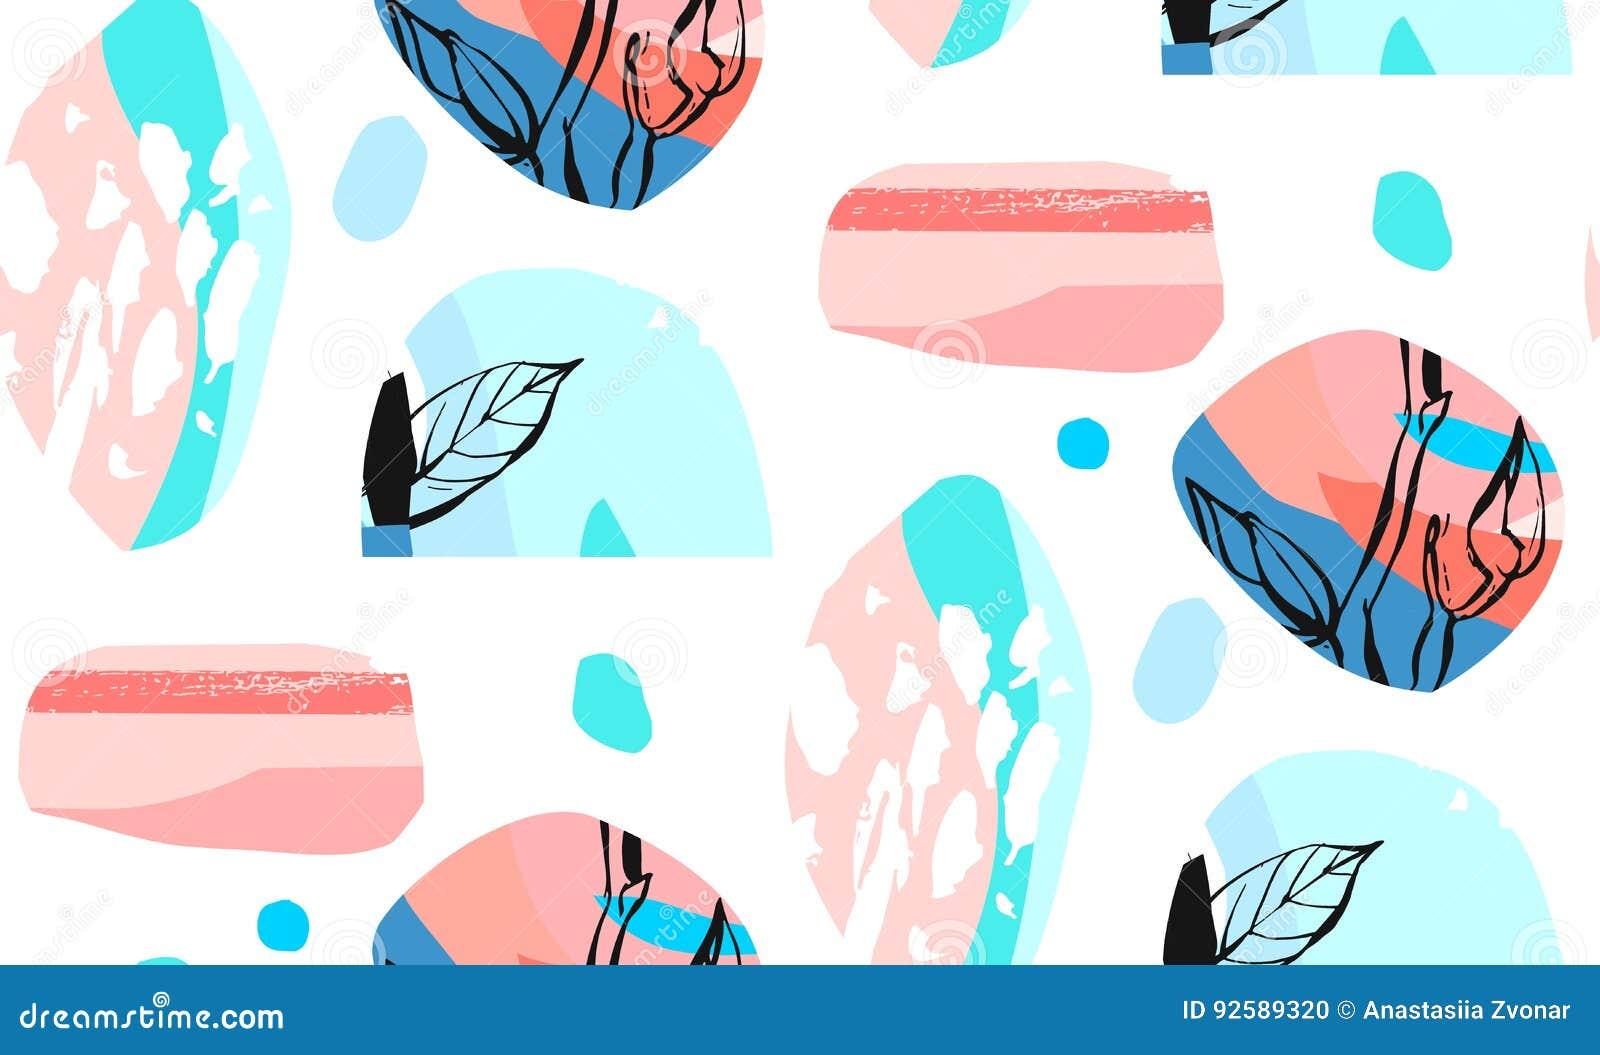 Χέρι - γίνοντα διανυσματικό αφηρημένο κατασκευασμένο καθιερώνον τη μόδα δημιουργικό κολάζ άνευ ραφής σχέδιο το floral μοτίβο που